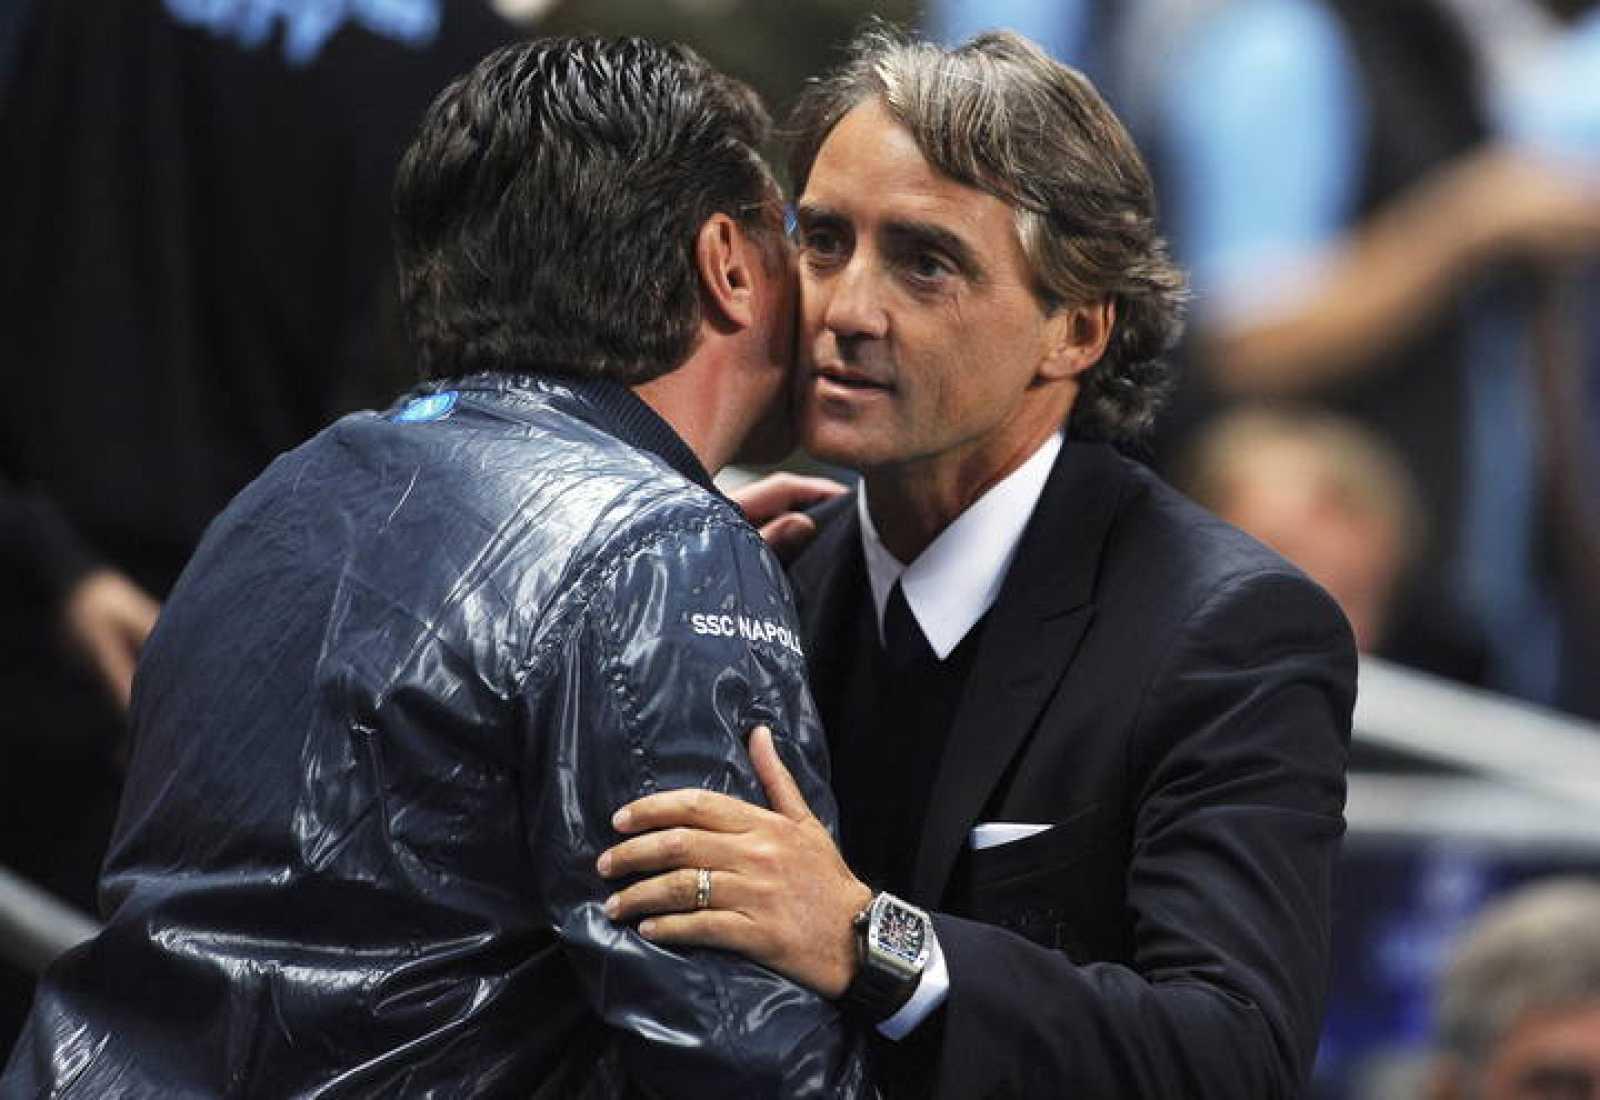 Fotografía de archivo fechada el 14 de septiembre de 2011, del entonces entrenador del Nápoles, Walter Mazzarri (i), mientras saluda al entonces técnico del Manchester City, Roberto Mancini.